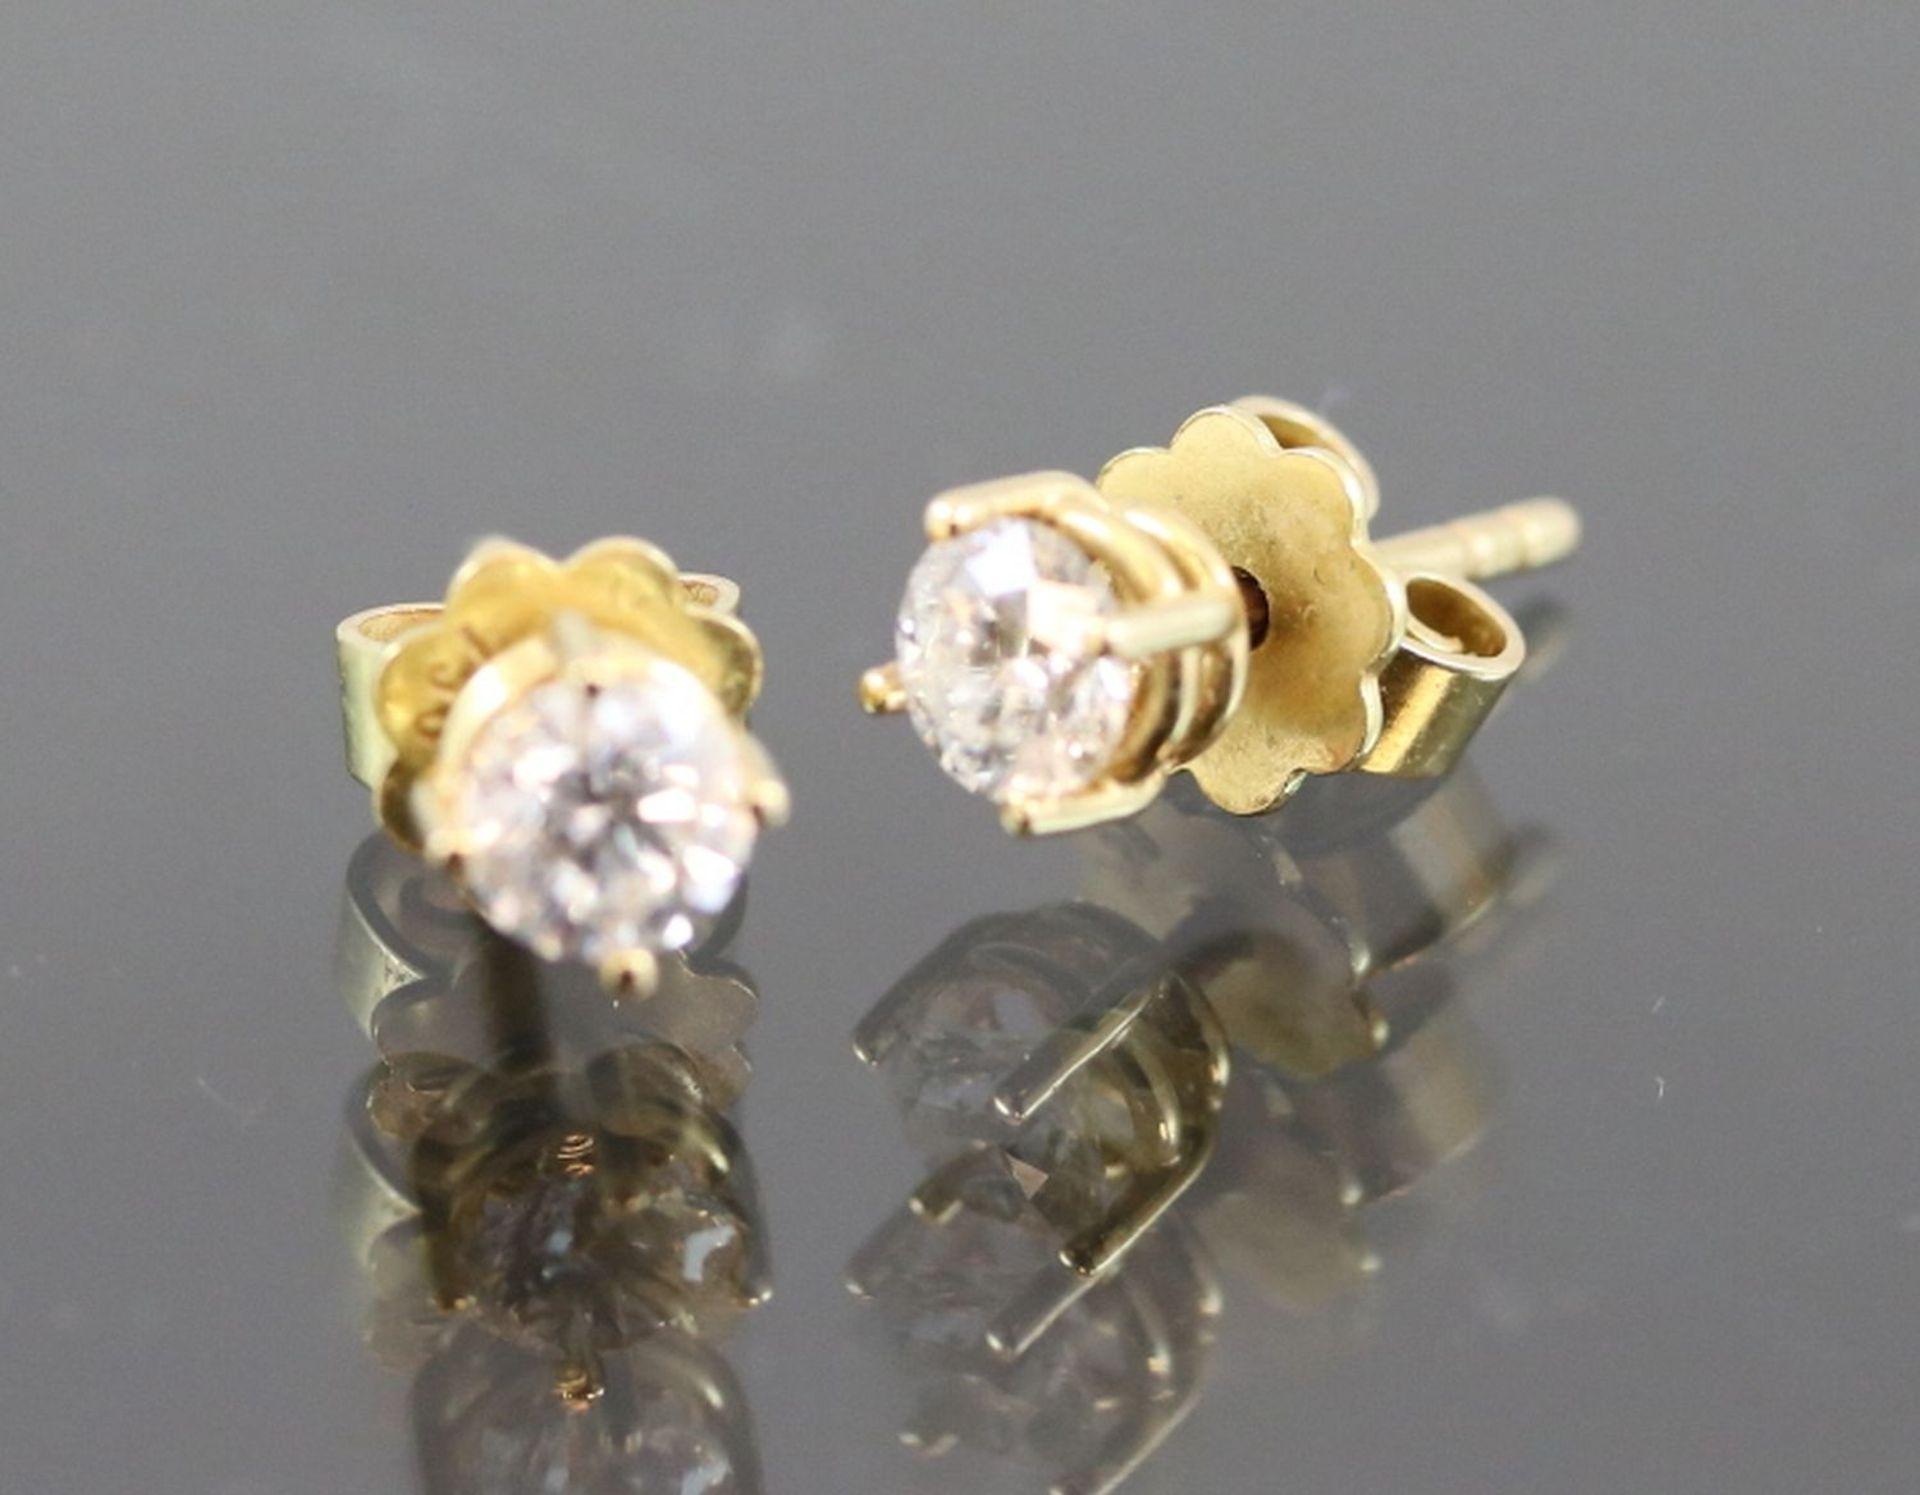 Los 22 - Brillant-Ohrringe, 750 Gelbgold1,7 Gramm 2 Brillanten, 0,62 ct., si1-h. Schätzpreis: 2000,-